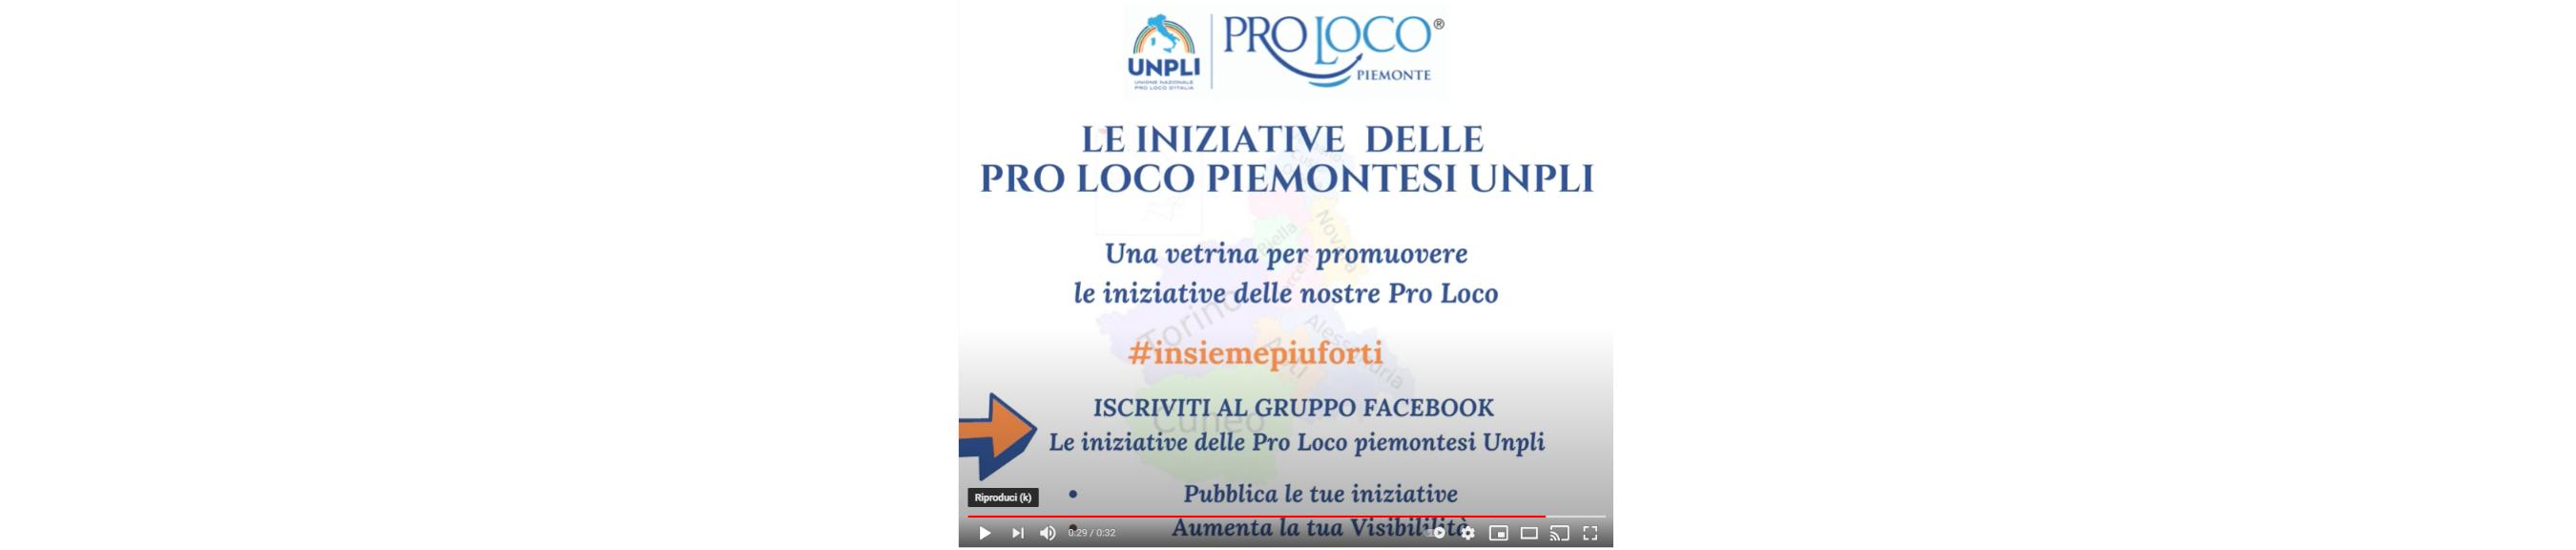 Un gruppo Facebook per pubblicizzare le iniziative delle Pro Loco. Video promozionale